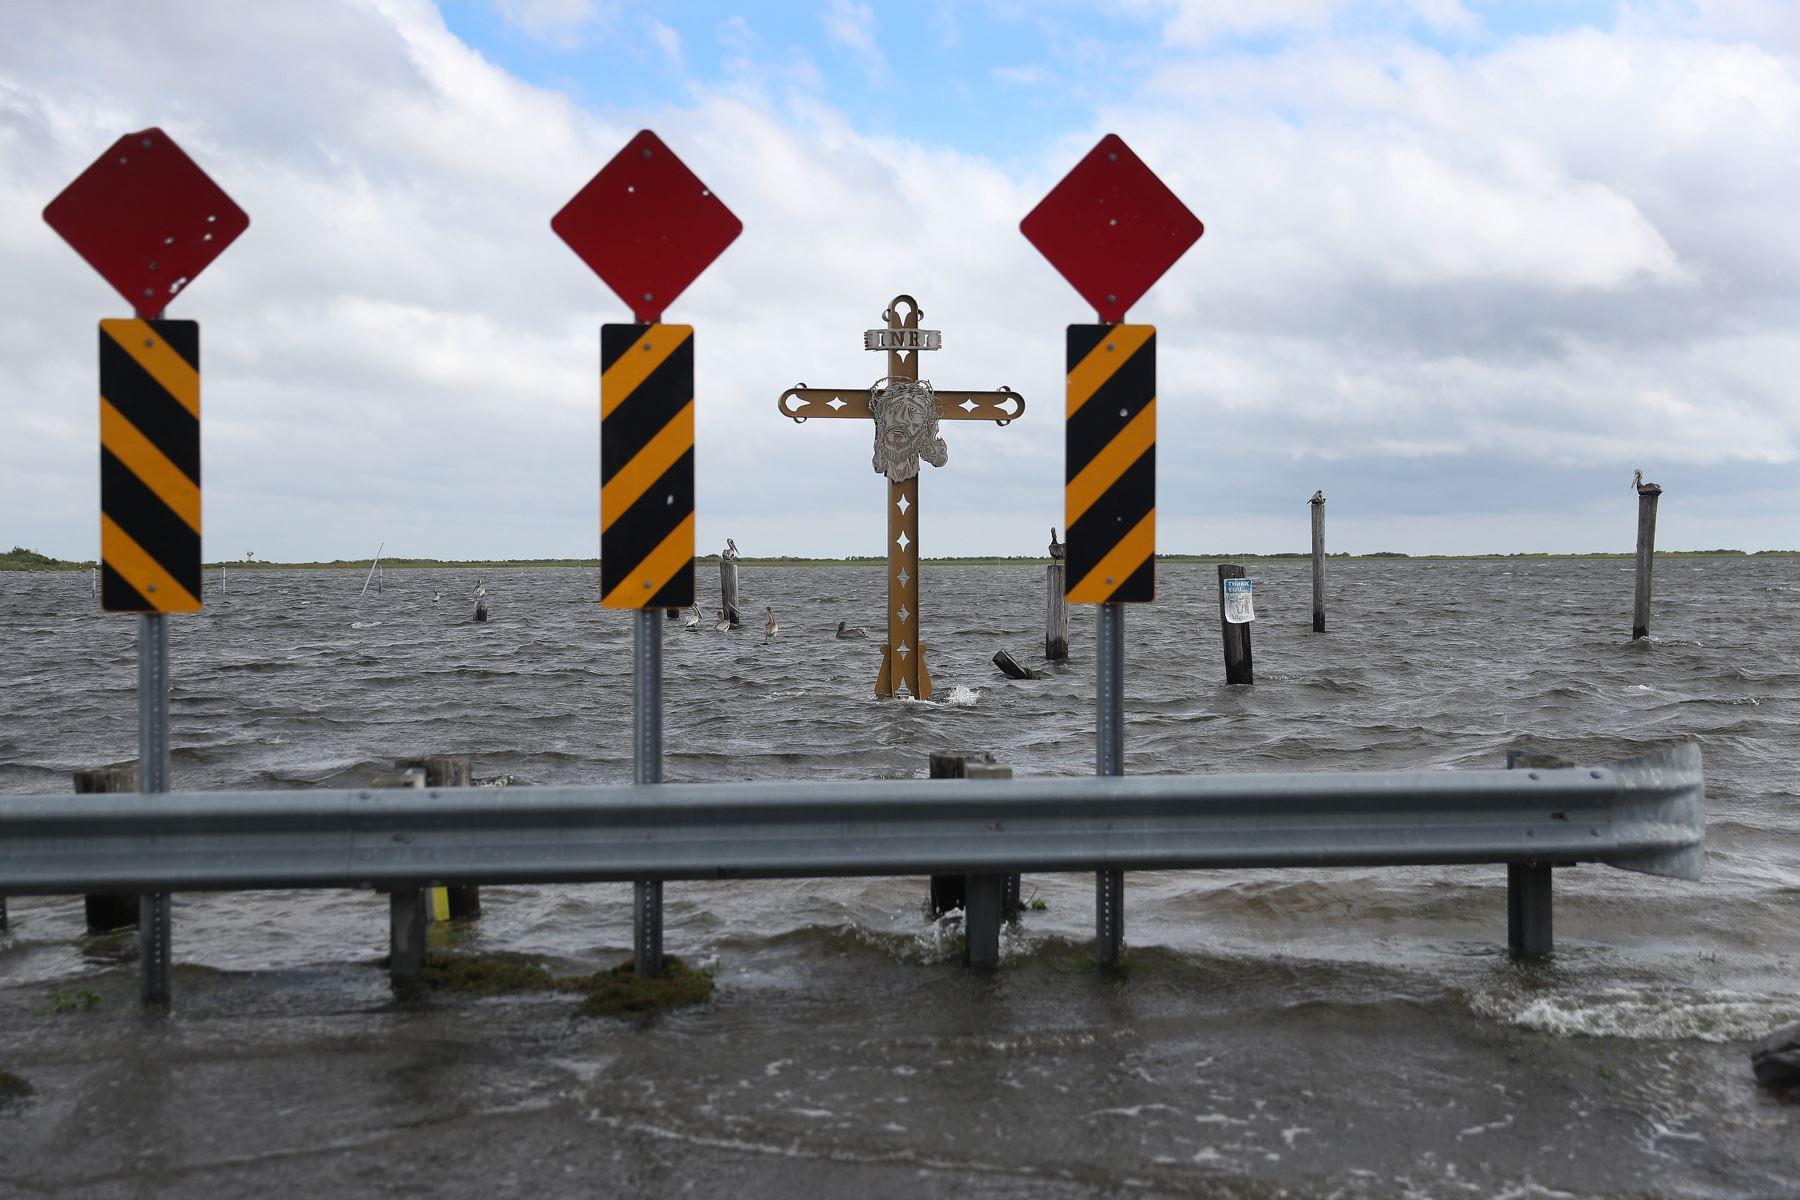 La tormenta amenaza con traer fuertes lluvias y vientos  desde Louisiana hasta Florida. Foto: AFP